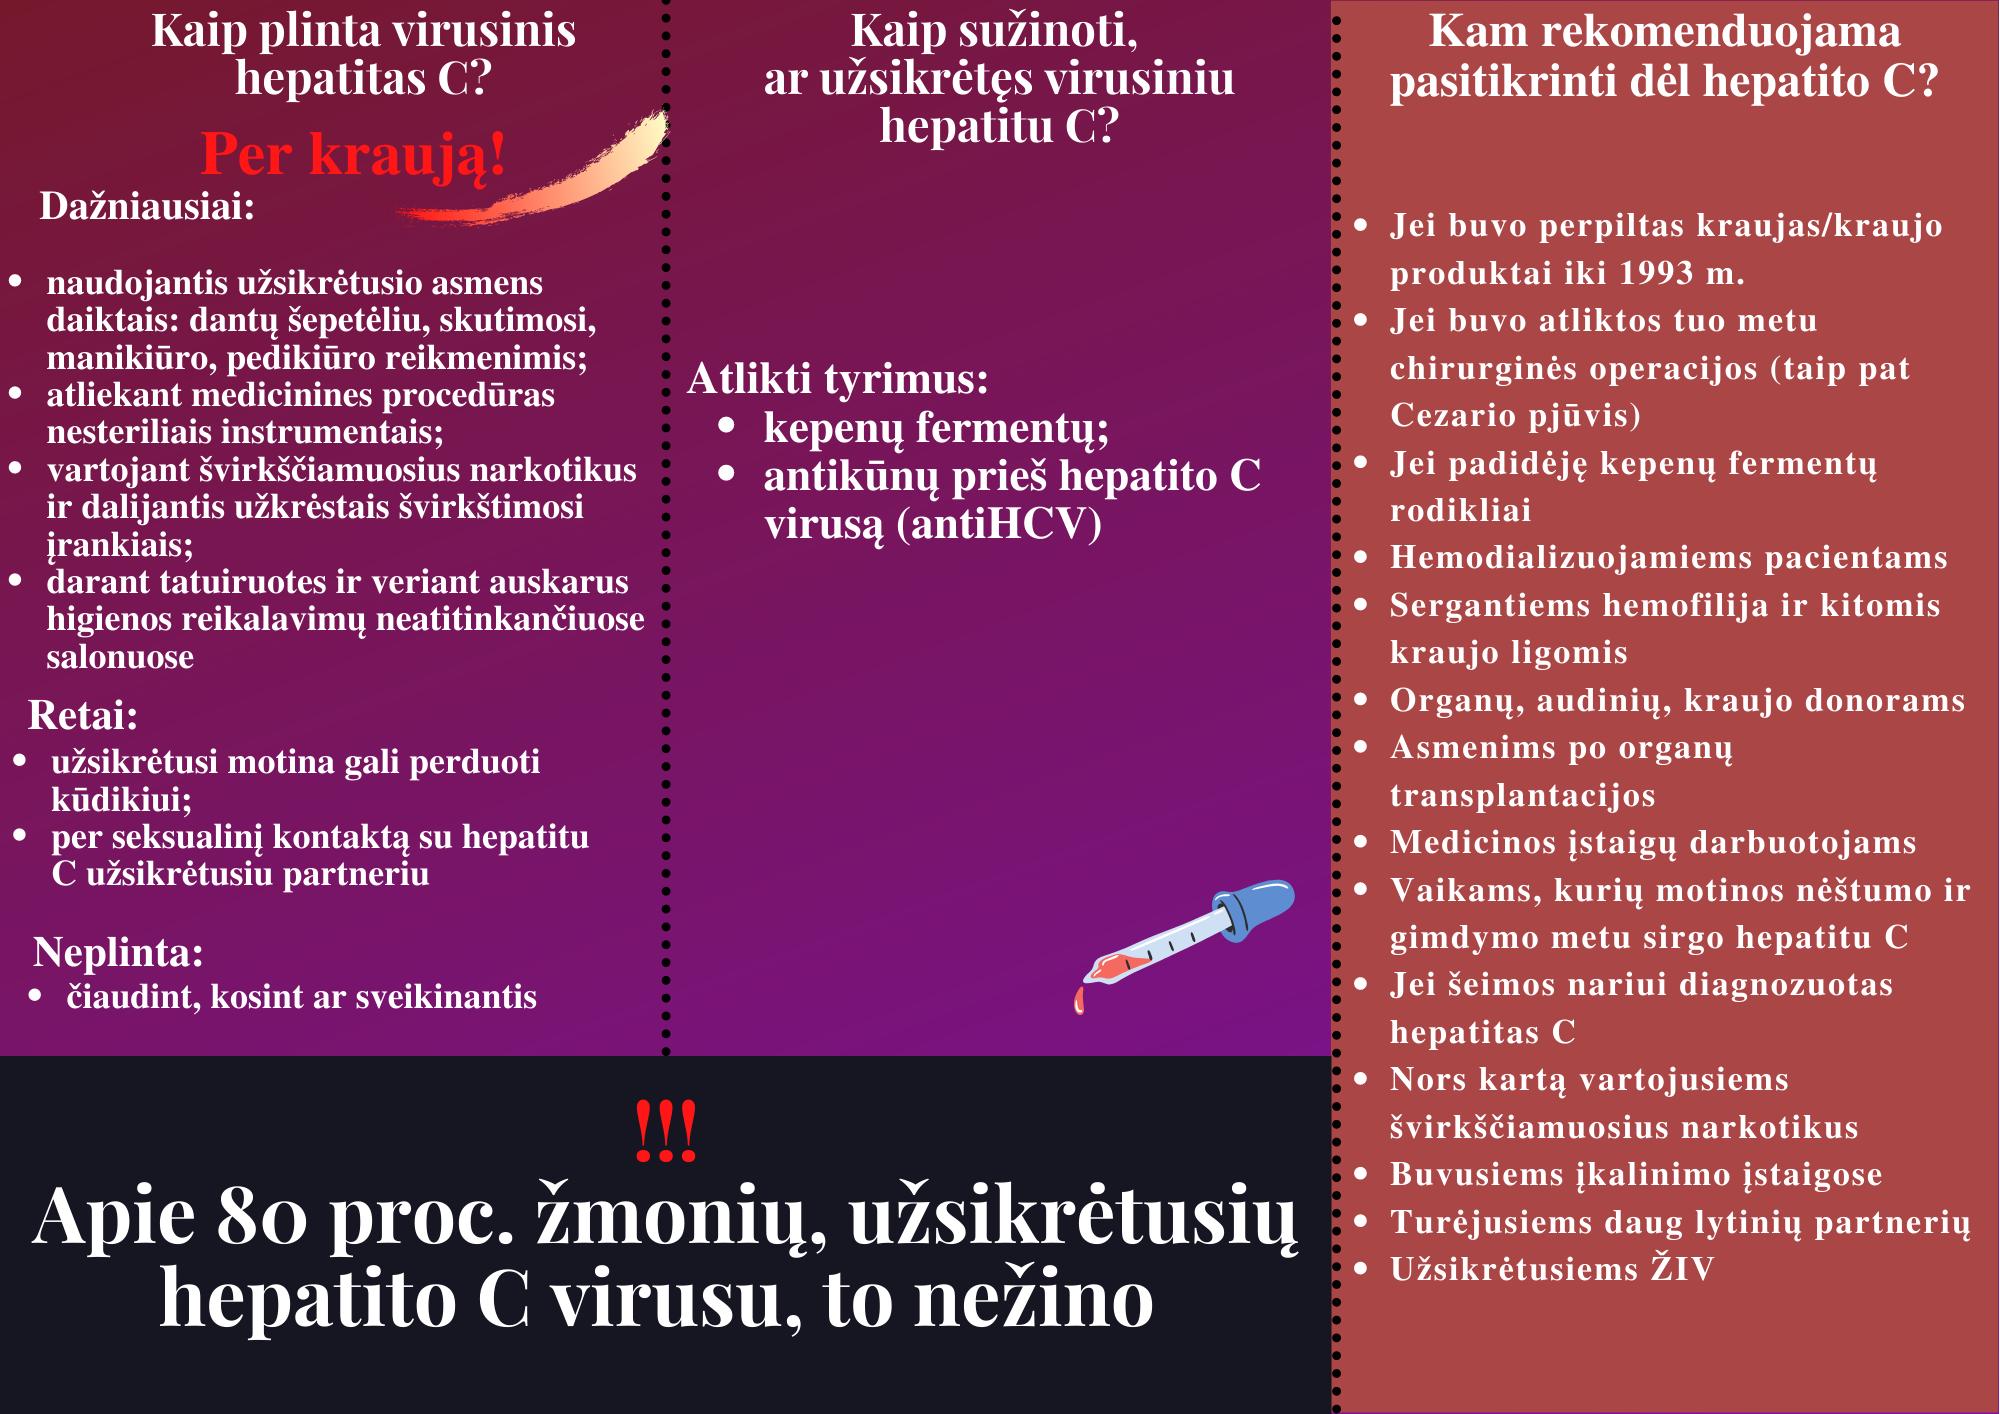 Plakatas apie hepatitą C